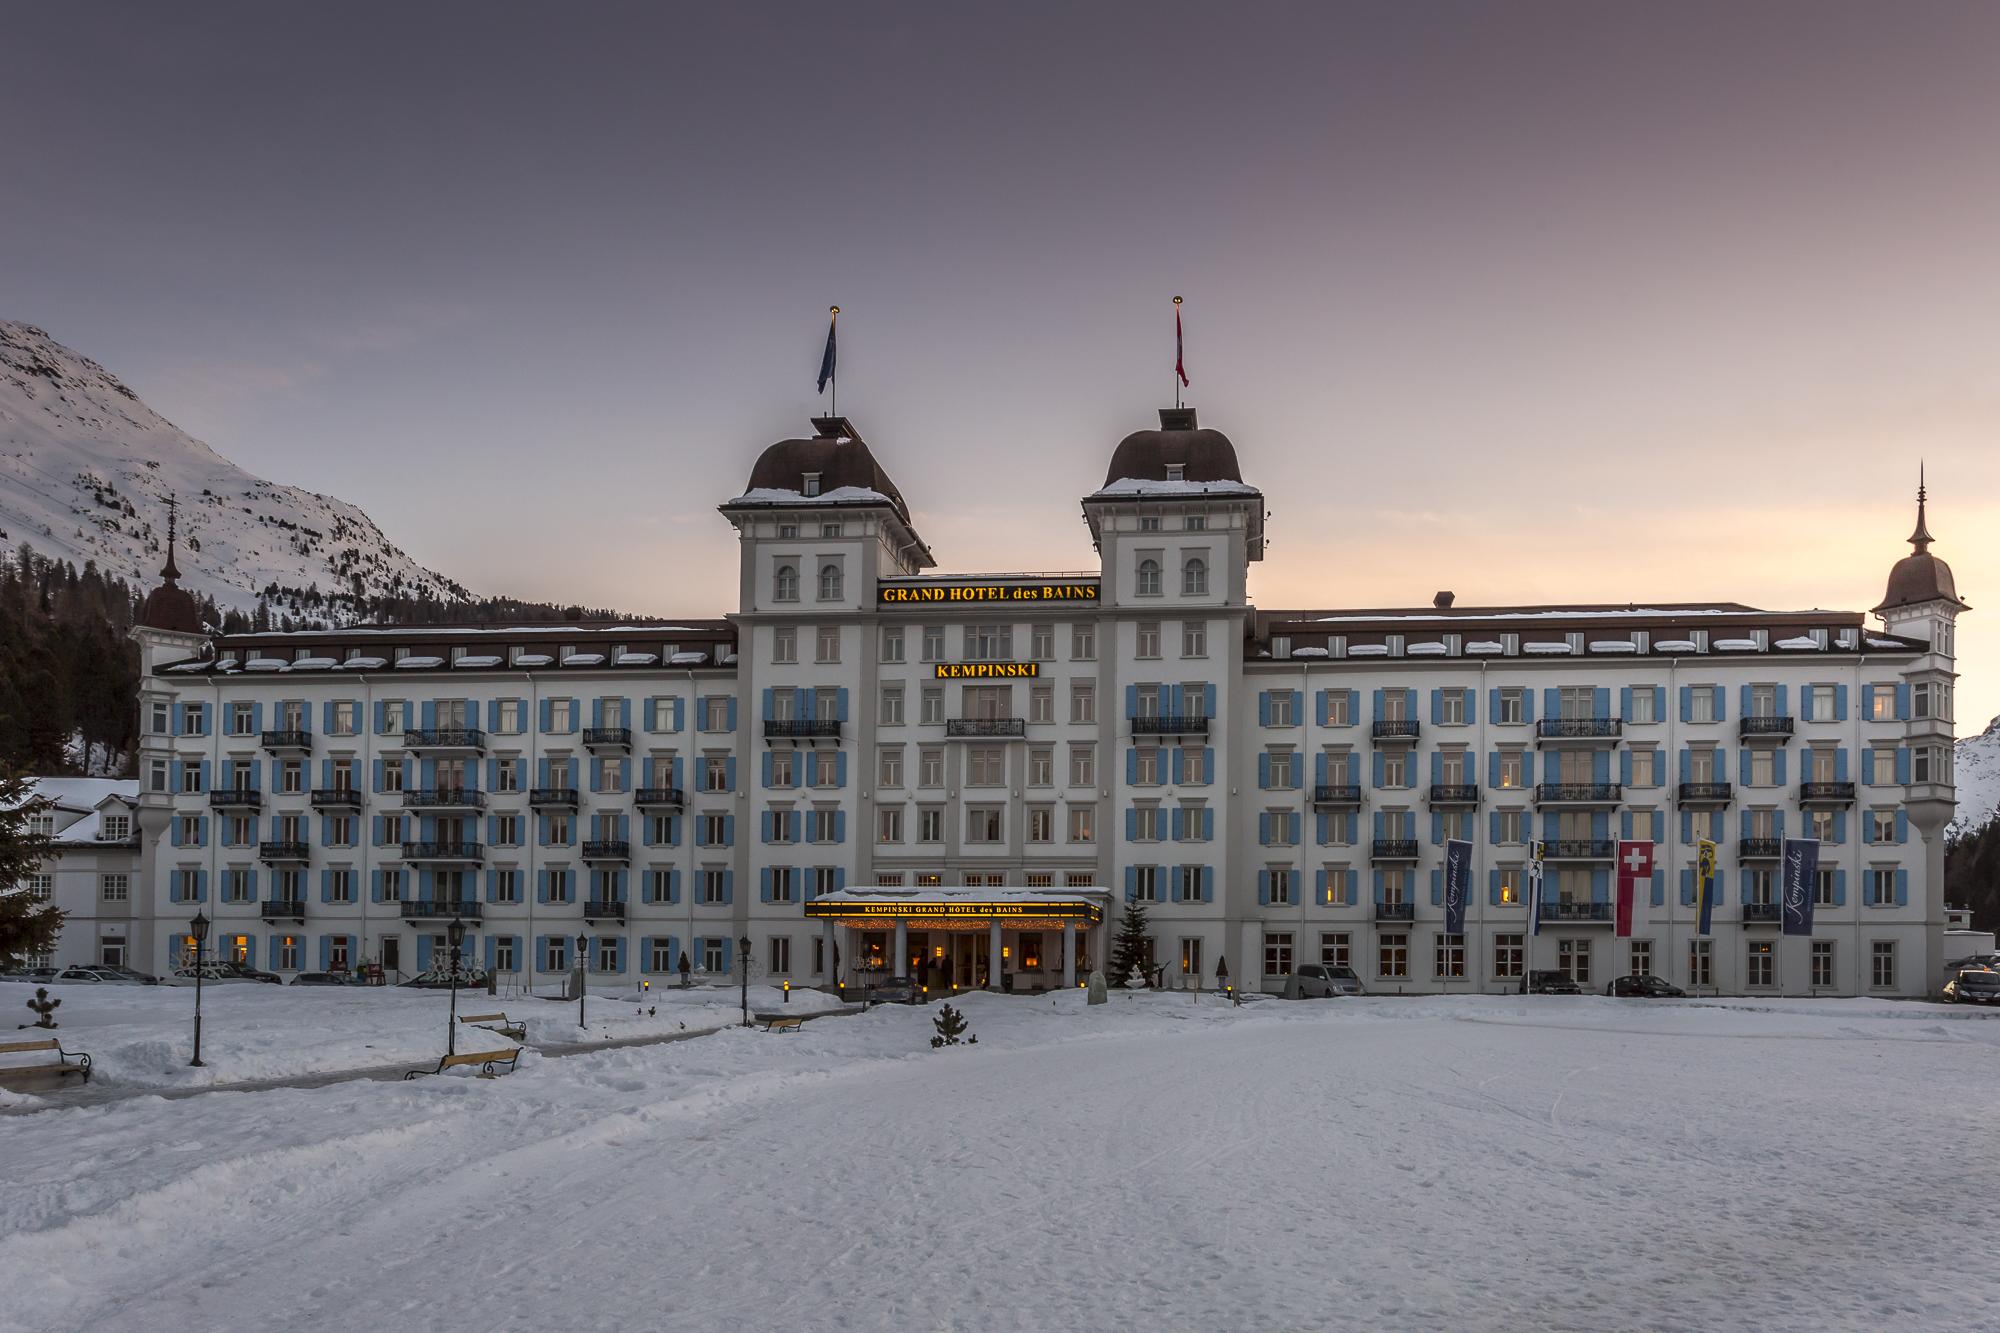 Weekendtipp zum fr hlingsskifahren nach st moritz for Grand hotel des bain